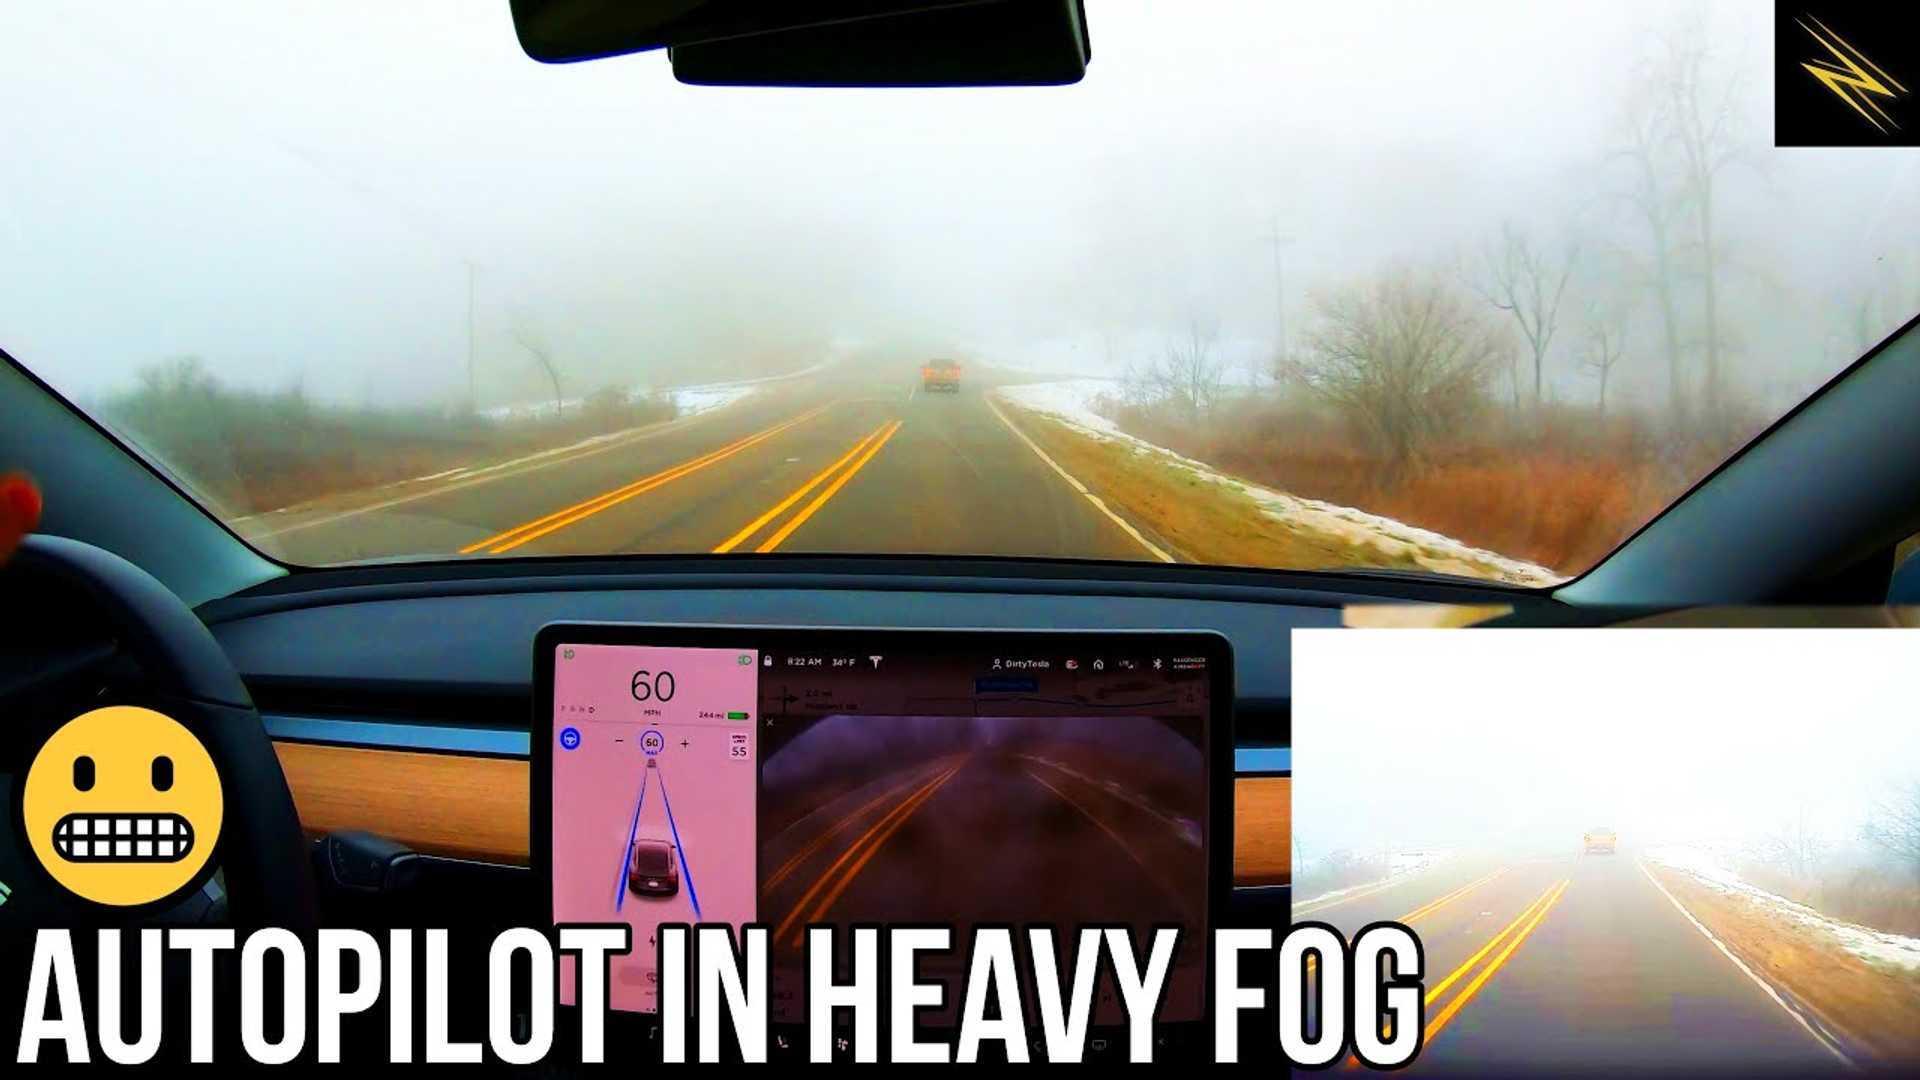 How Does Tesla Autopilot Fare In Heavy Fog?